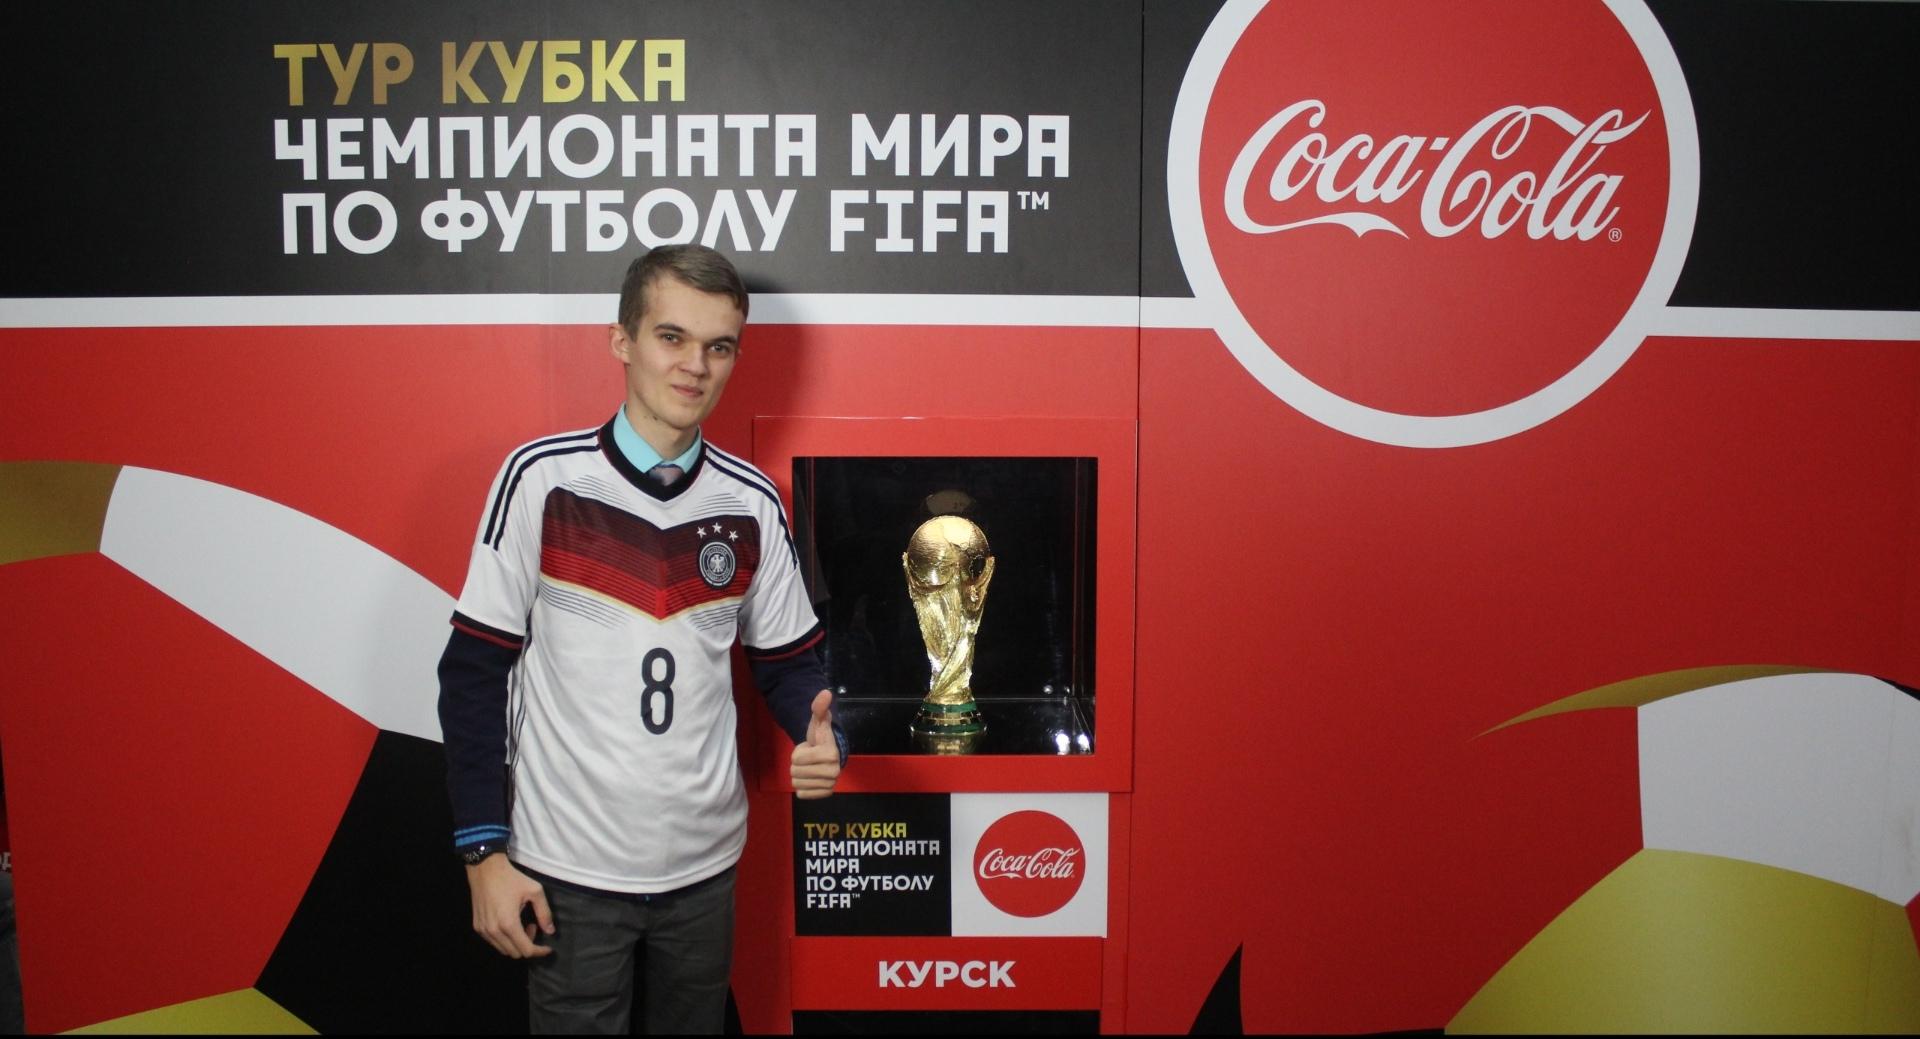 Вдохновлённые мировой футбольной реликвией